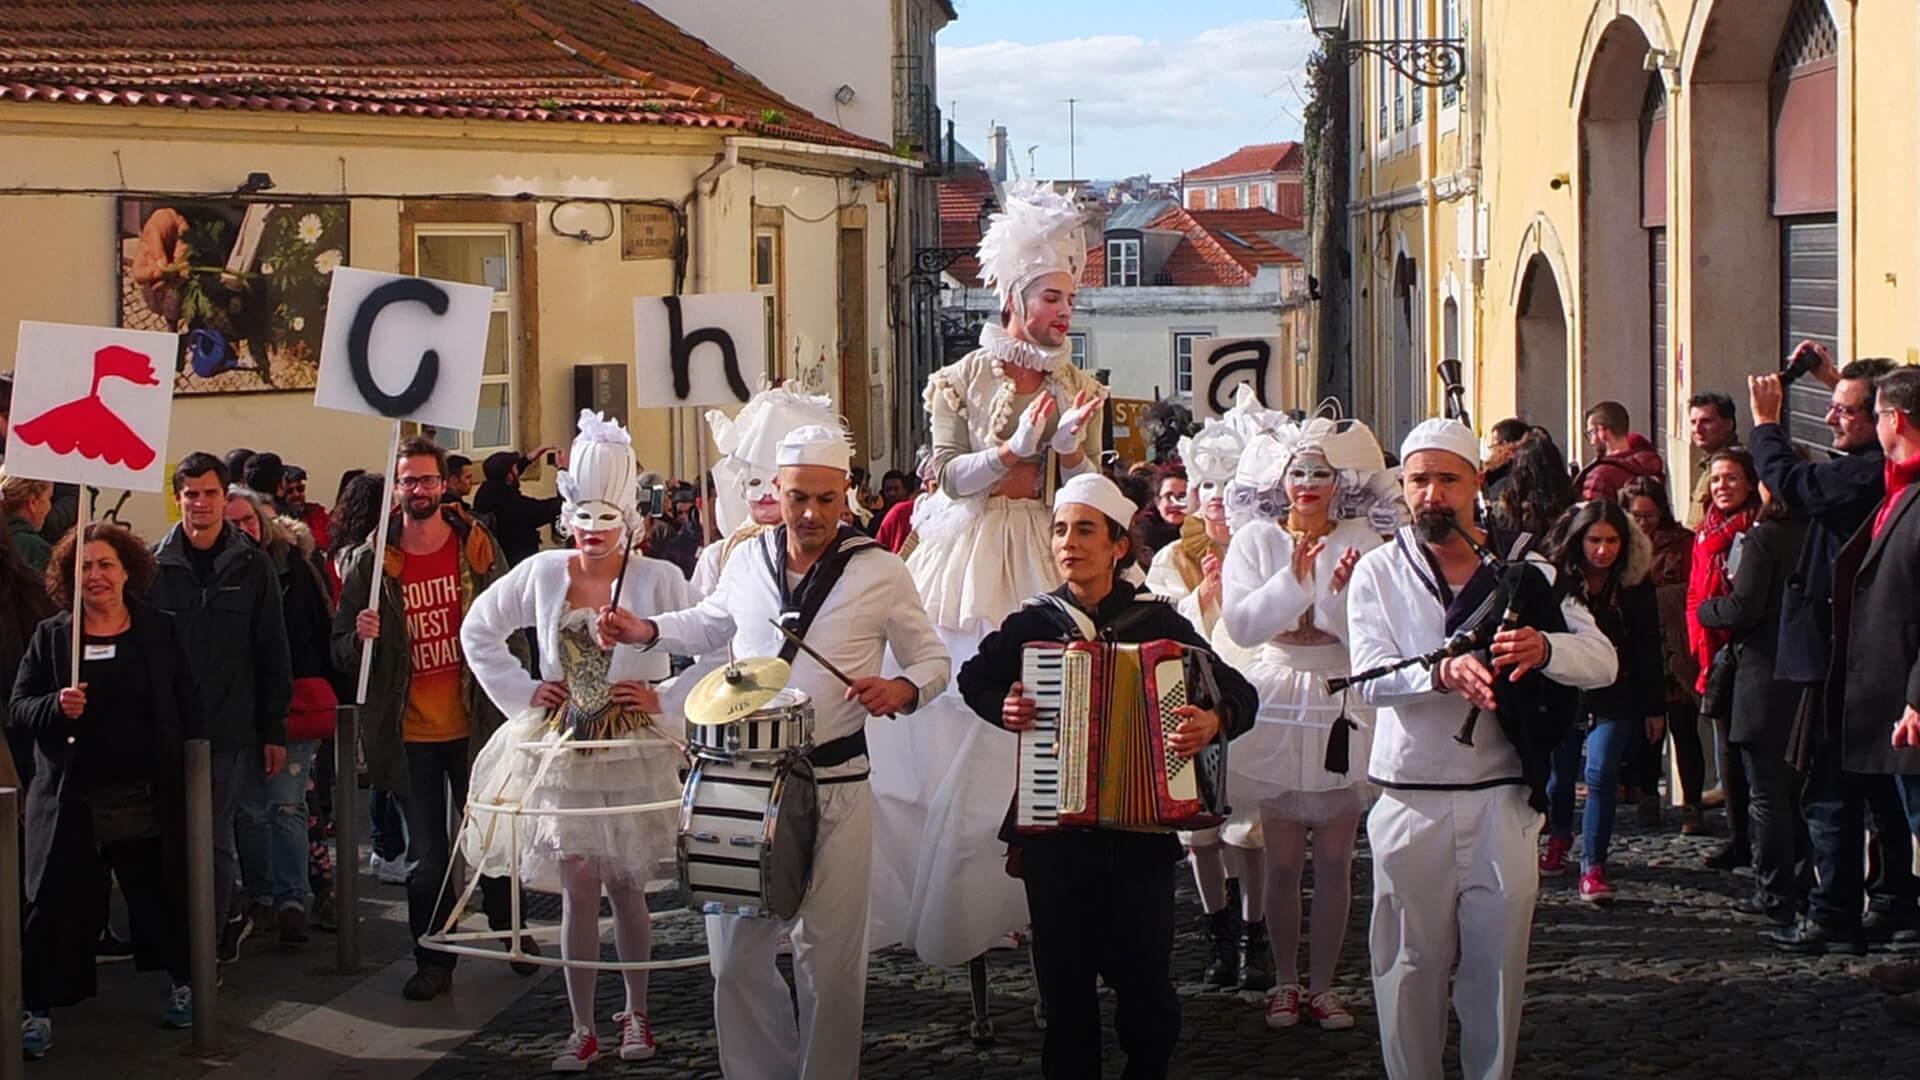 Os melhores desfiles de Carnaval em Lisboa e arredores